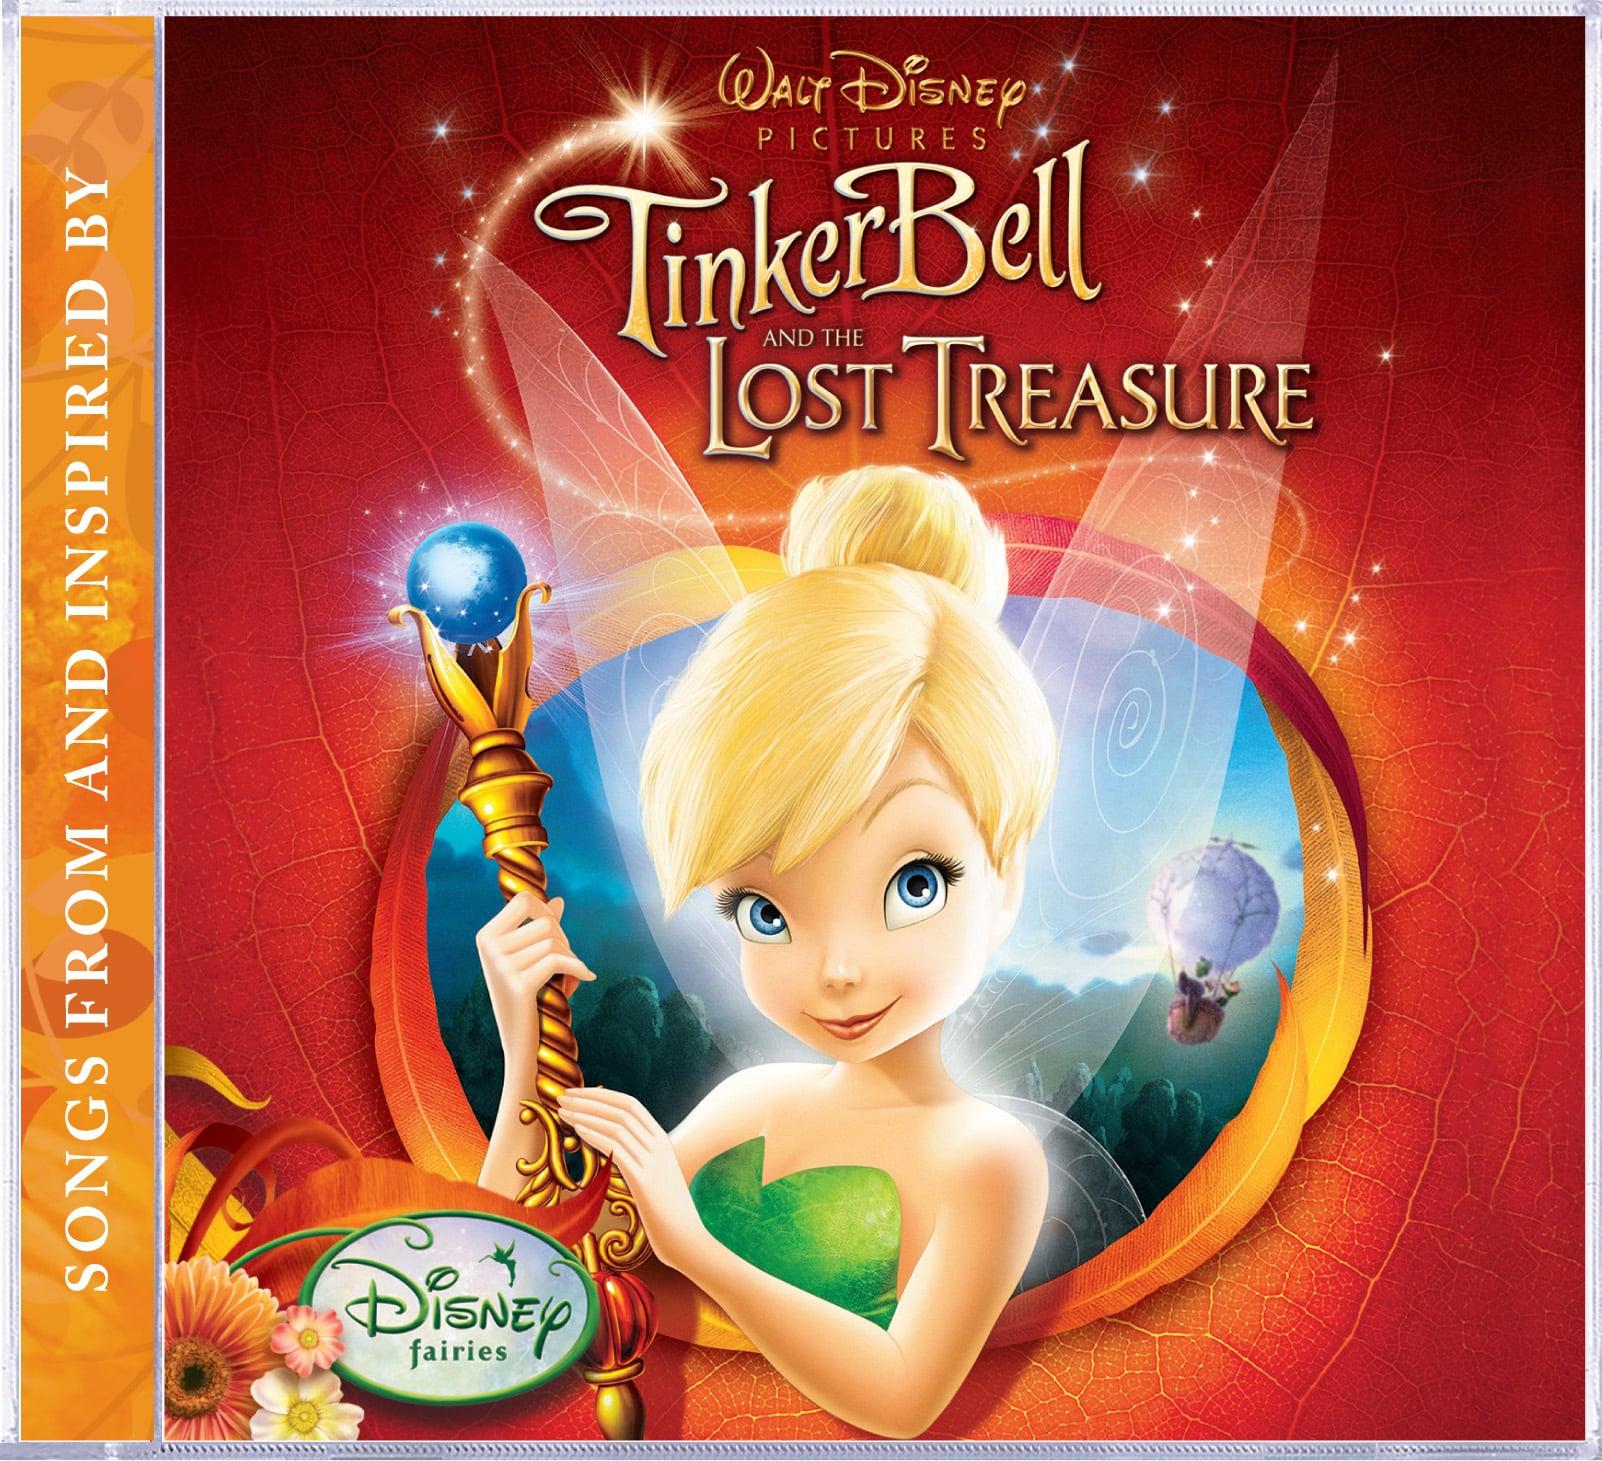 Portada del soundtrack the Tinkerbell y el Tesoro Perdido